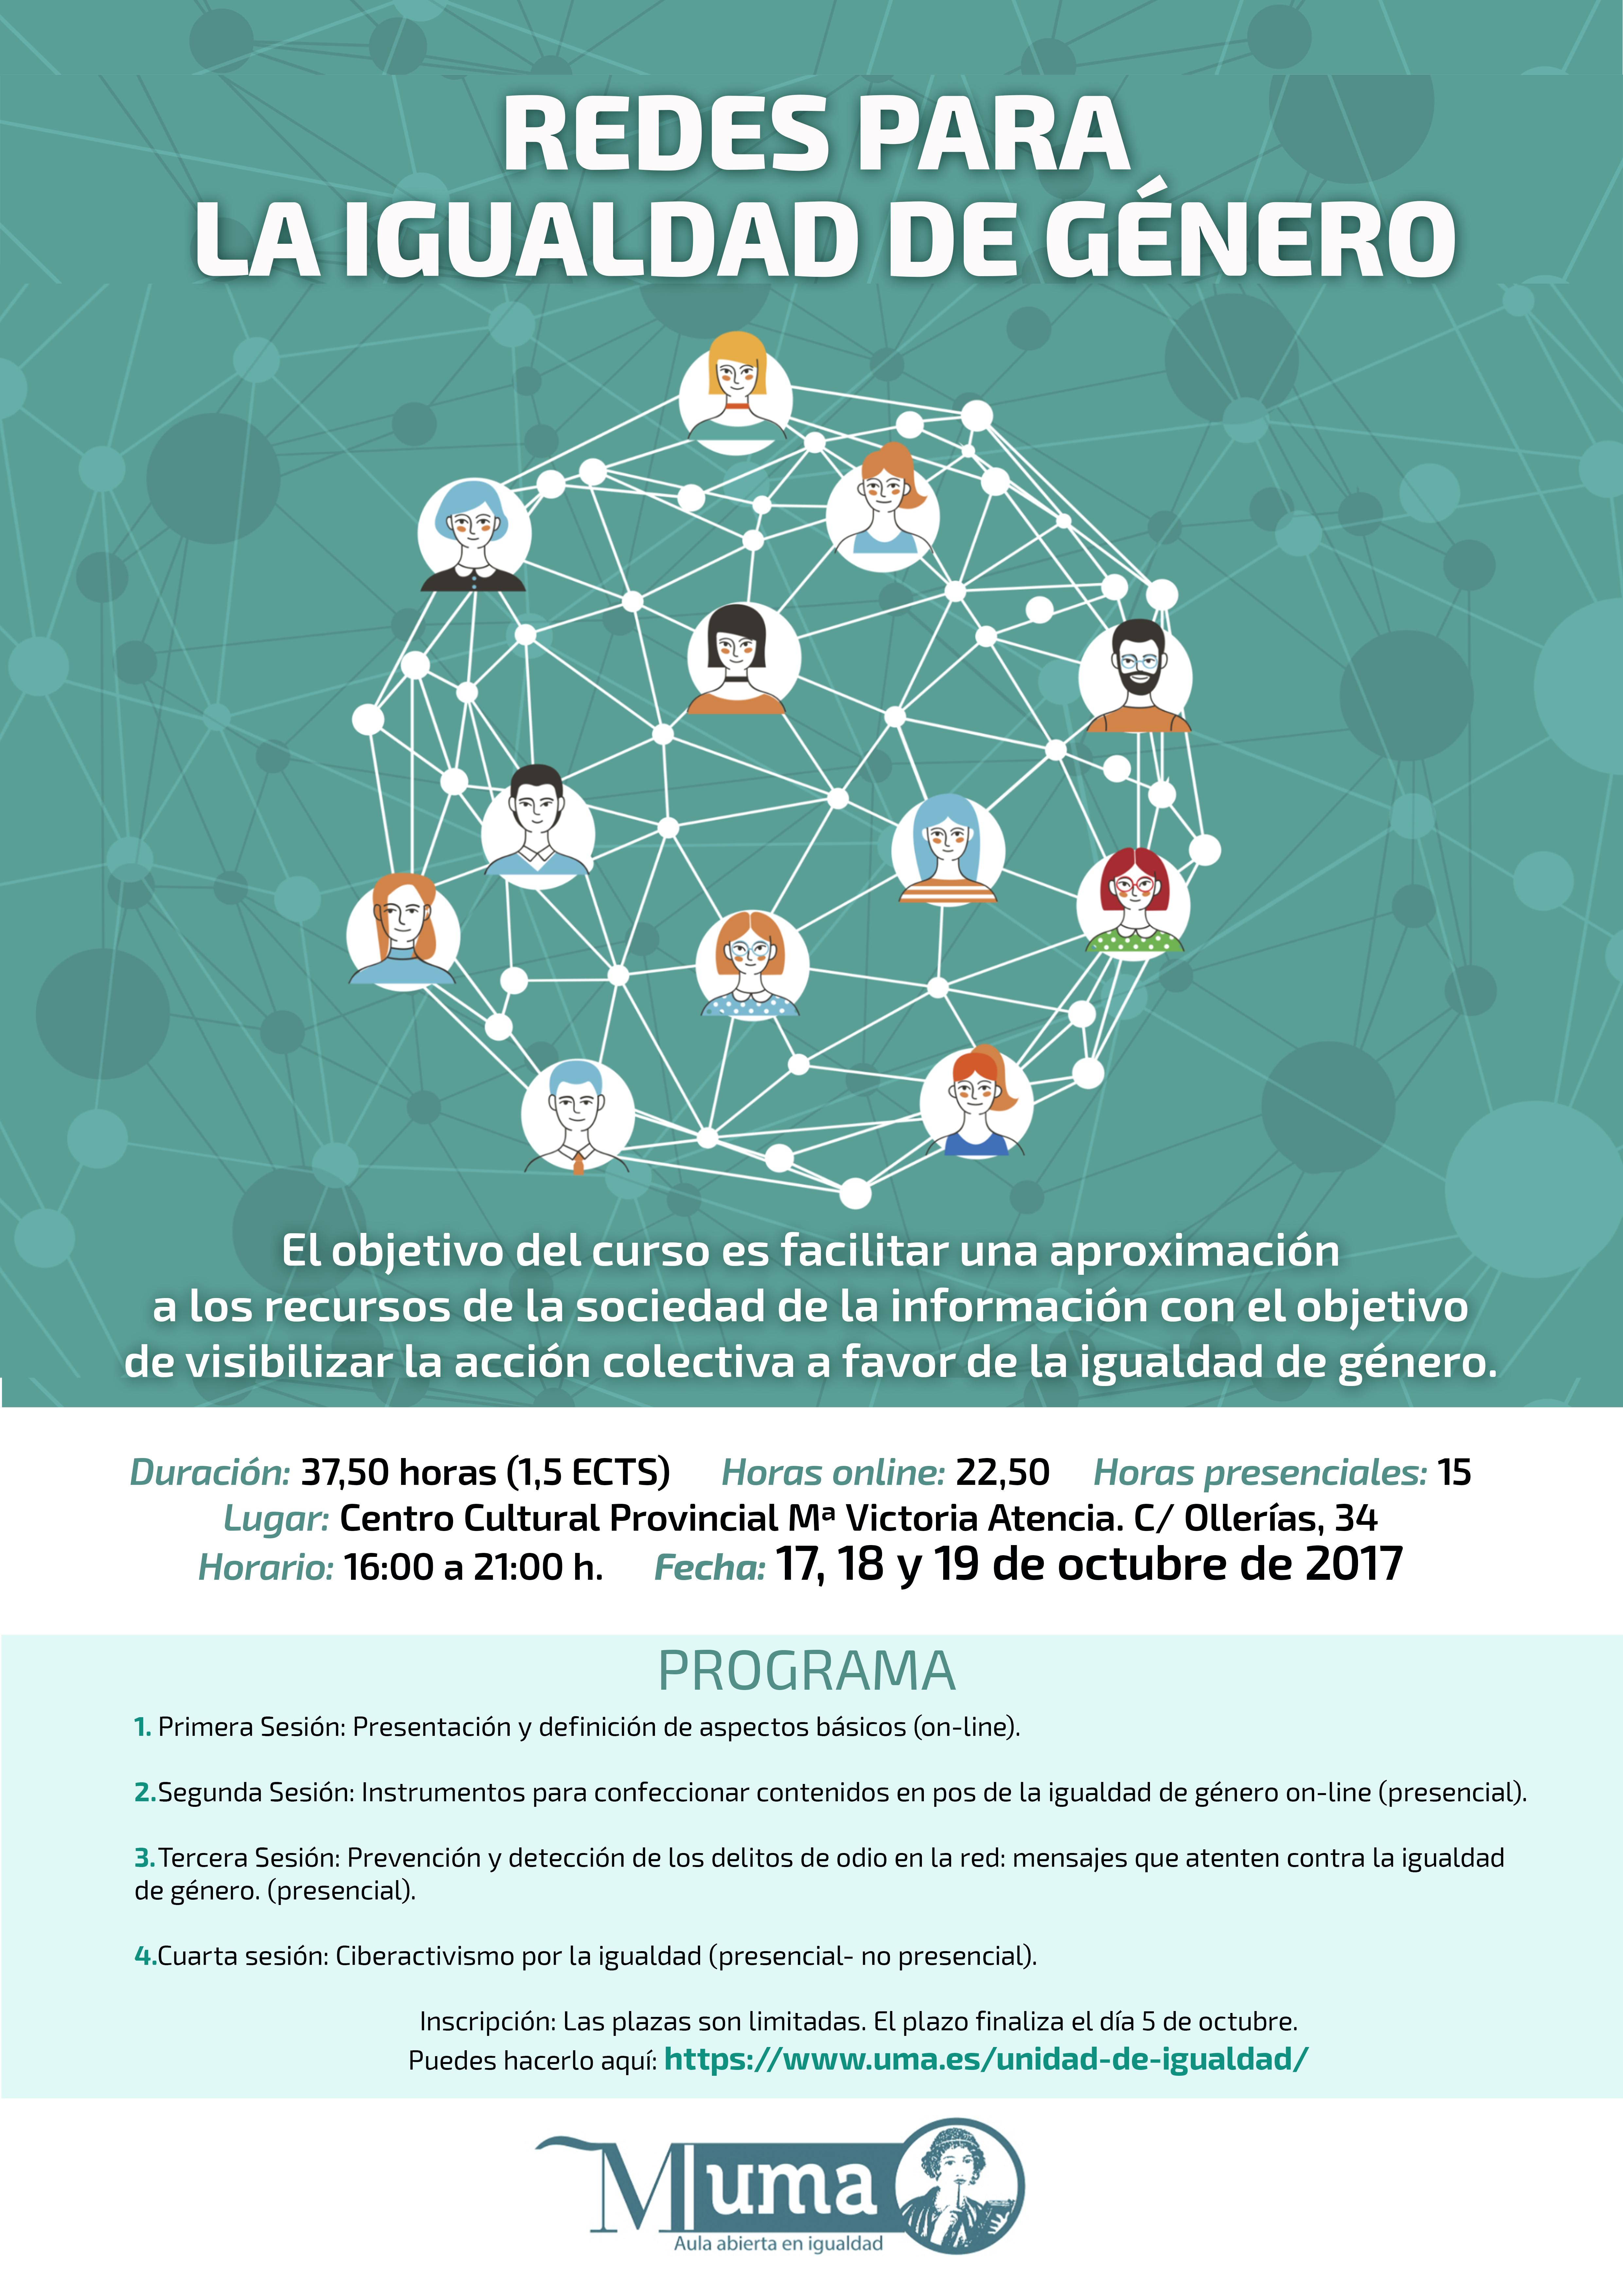 Unidad de igualdad - Curso de Redes para la Igualdad de Género ...